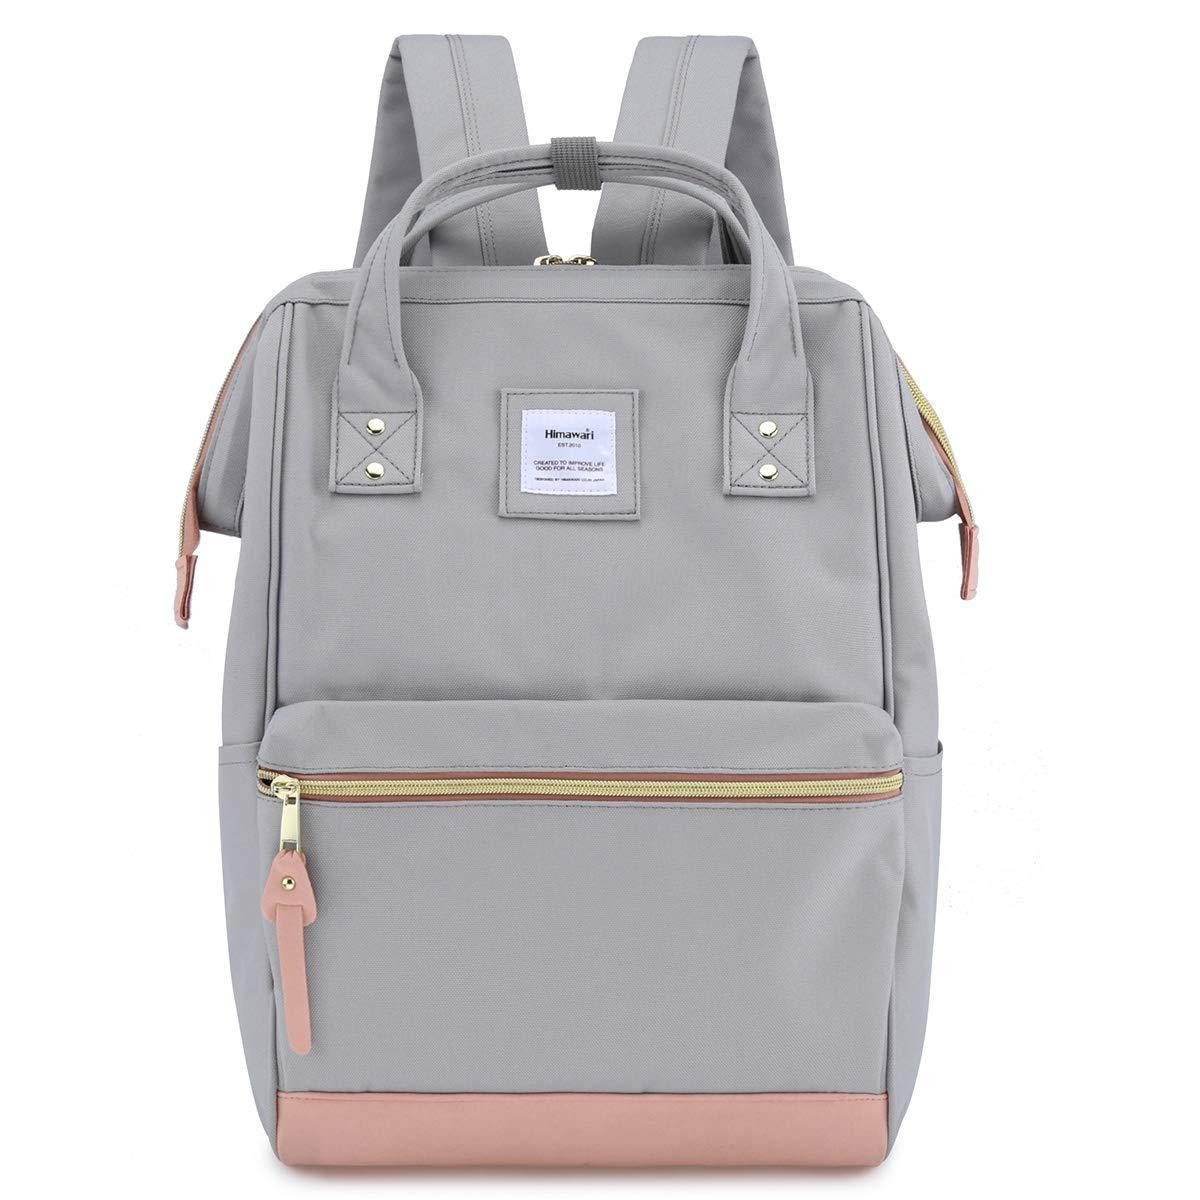 Himawari Travel Backpack Laptop Diaper